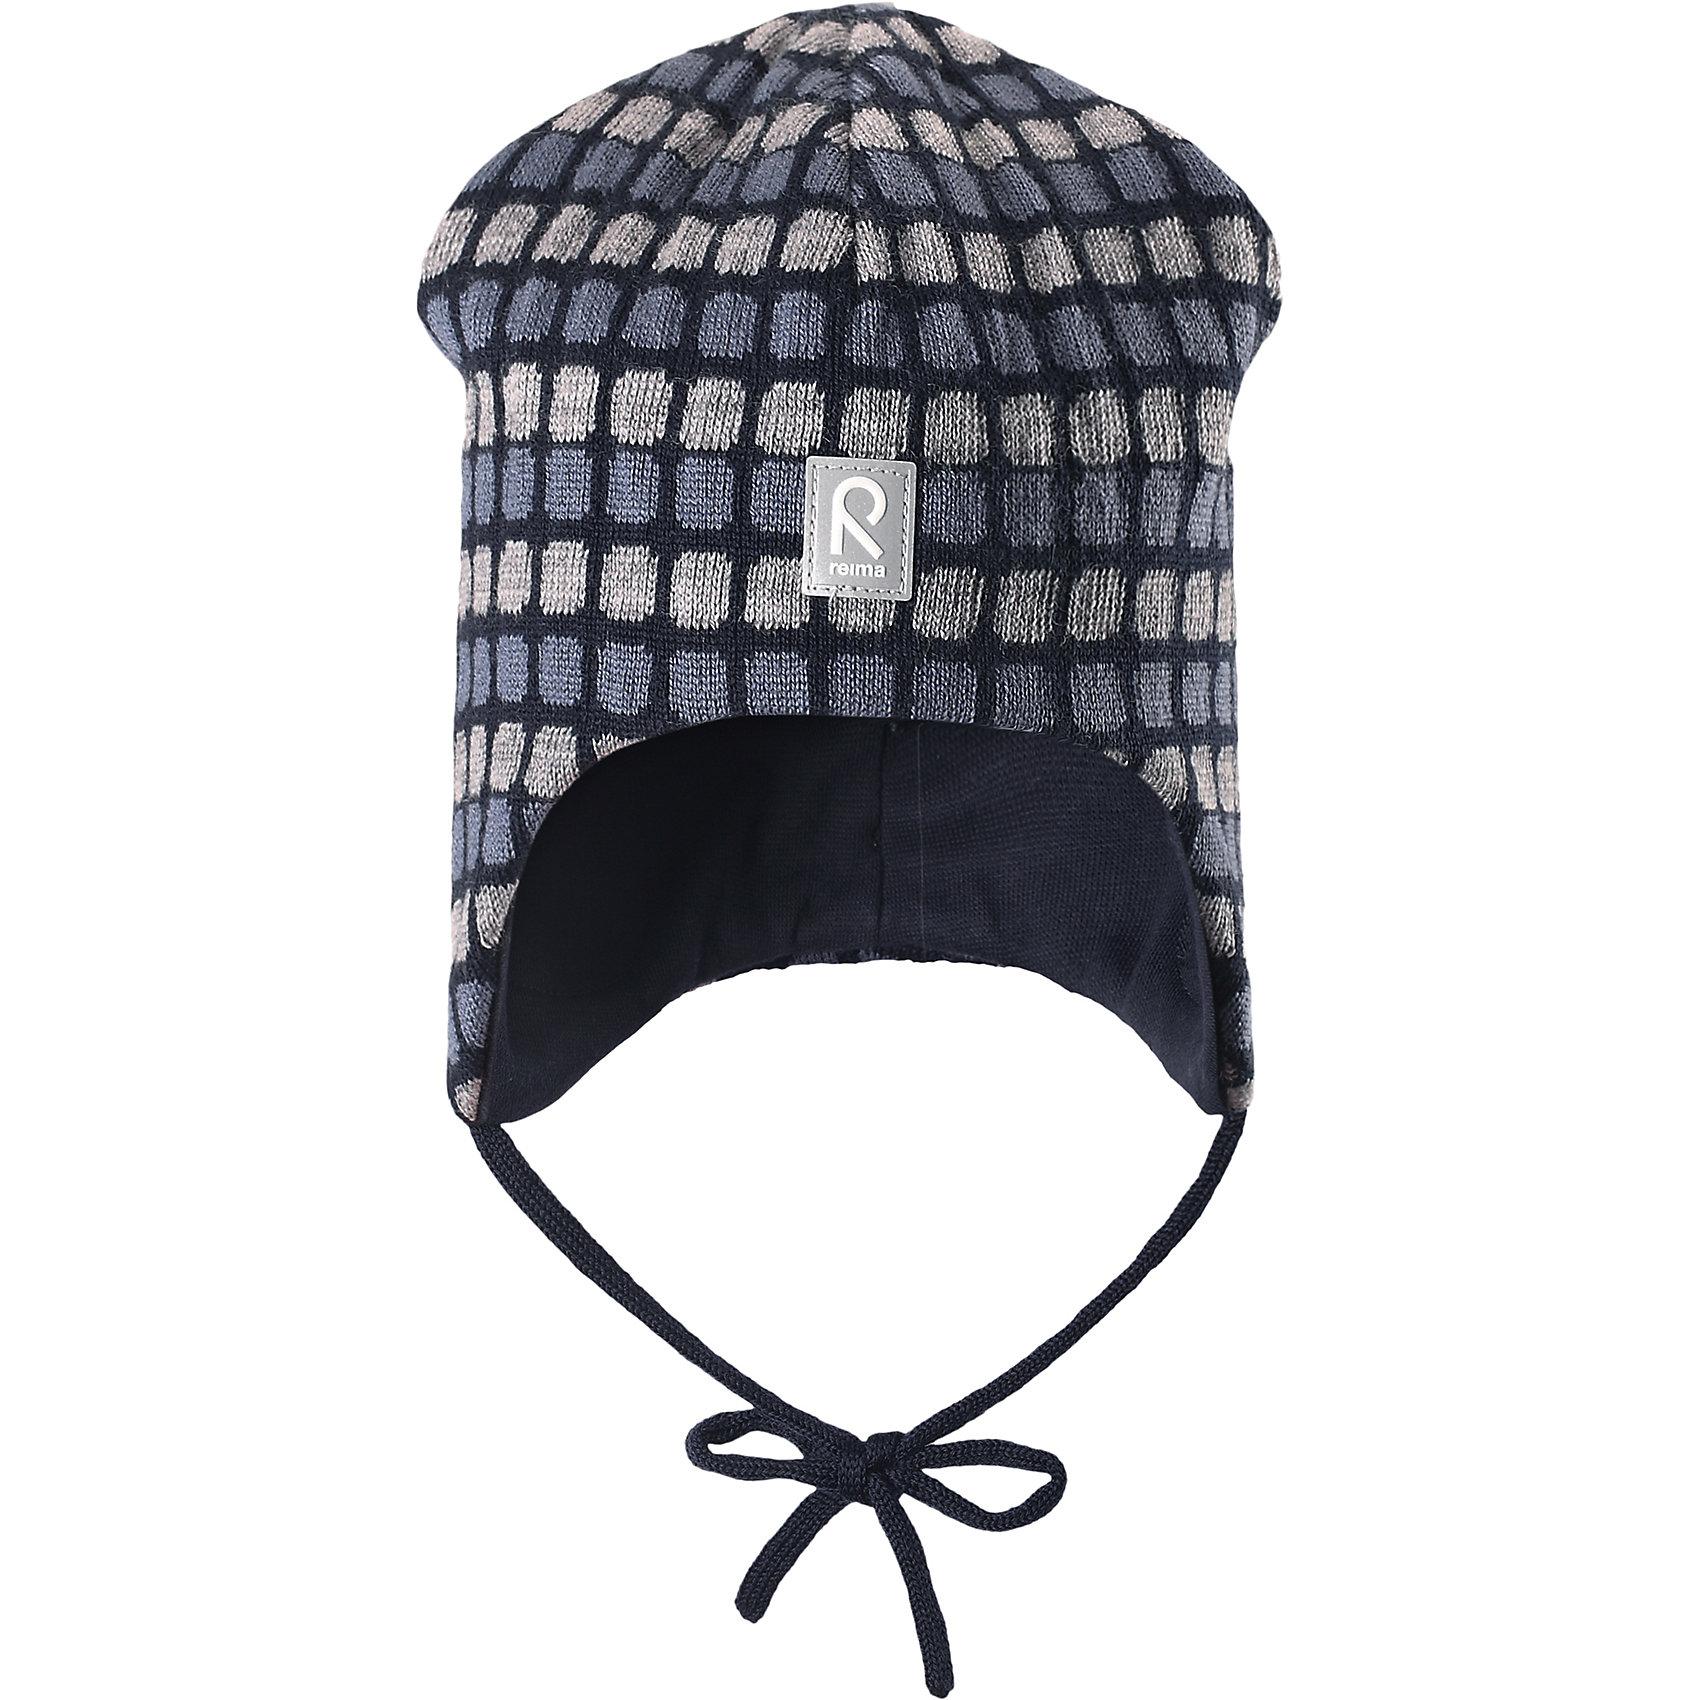 Шапка Innokas для мальчика ReimaШапка для мальчика Reima<br>Шапка «Бини» для малышей. Мягкая ткань из мериносовой шерсти для поддержания идеальной температуры тела. Теплая шерстяная вязка (волокно). Мягкий, теплый и приятный на ощупь трикотаж. Товар сертифицирован Oeko-Tex, класс 1, одежда для малышей. Ветронепроницаемые вставки в области ушей. Любые размеры. Мягкая подкладка из хлопка и эластана. Жаккардовый вязаный узор по всей поверхности. Декоративные элементы сверху. Интересная структура поверхности. Светоотражающий элемент спереди.<br>Уход:<br>Стирать по отдельности, вывернув наизнанку. Придать первоначальную форму вo влажном виде. Возможна усадка 5 %.<br>Состав:<br>100% Шерсть<br><br>Ширина мм: 89<br>Глубина мм: 117<br>Высота мм: 44<br>Вес г: 155<br>Цвет: синий<br>Возраст от месяцев: 9<br>Возраст до месяцев: 18<br>Пол: Мужской<br>Возраст: Детский<br>Размер: 48,52,46,50<br>SKU: 4777187